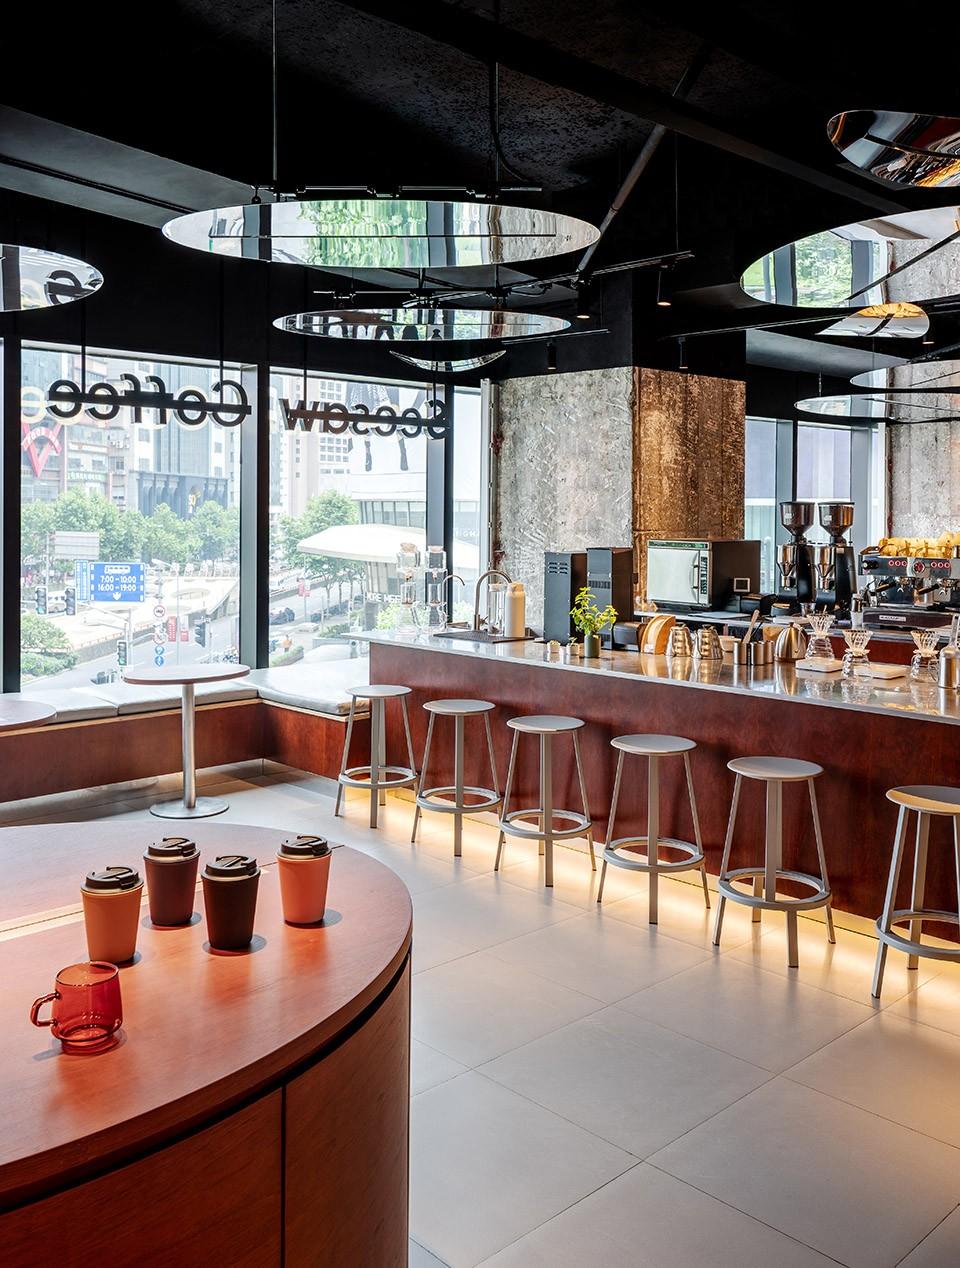 漂浮的咖啡豆 SEESAW COFFEE